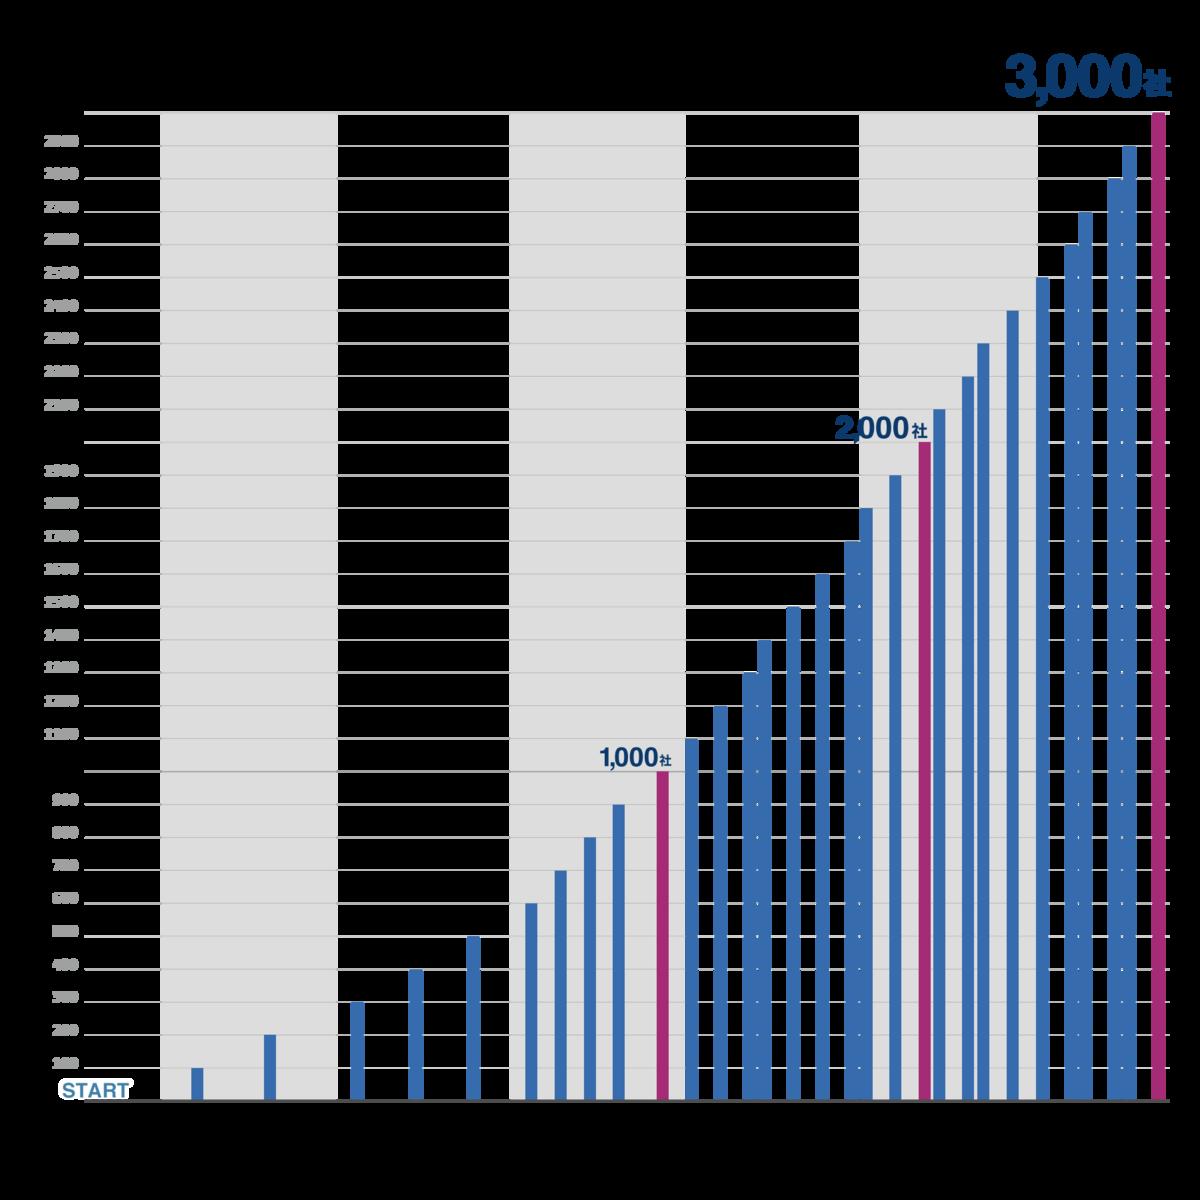 有料3000社までの推移グラフ